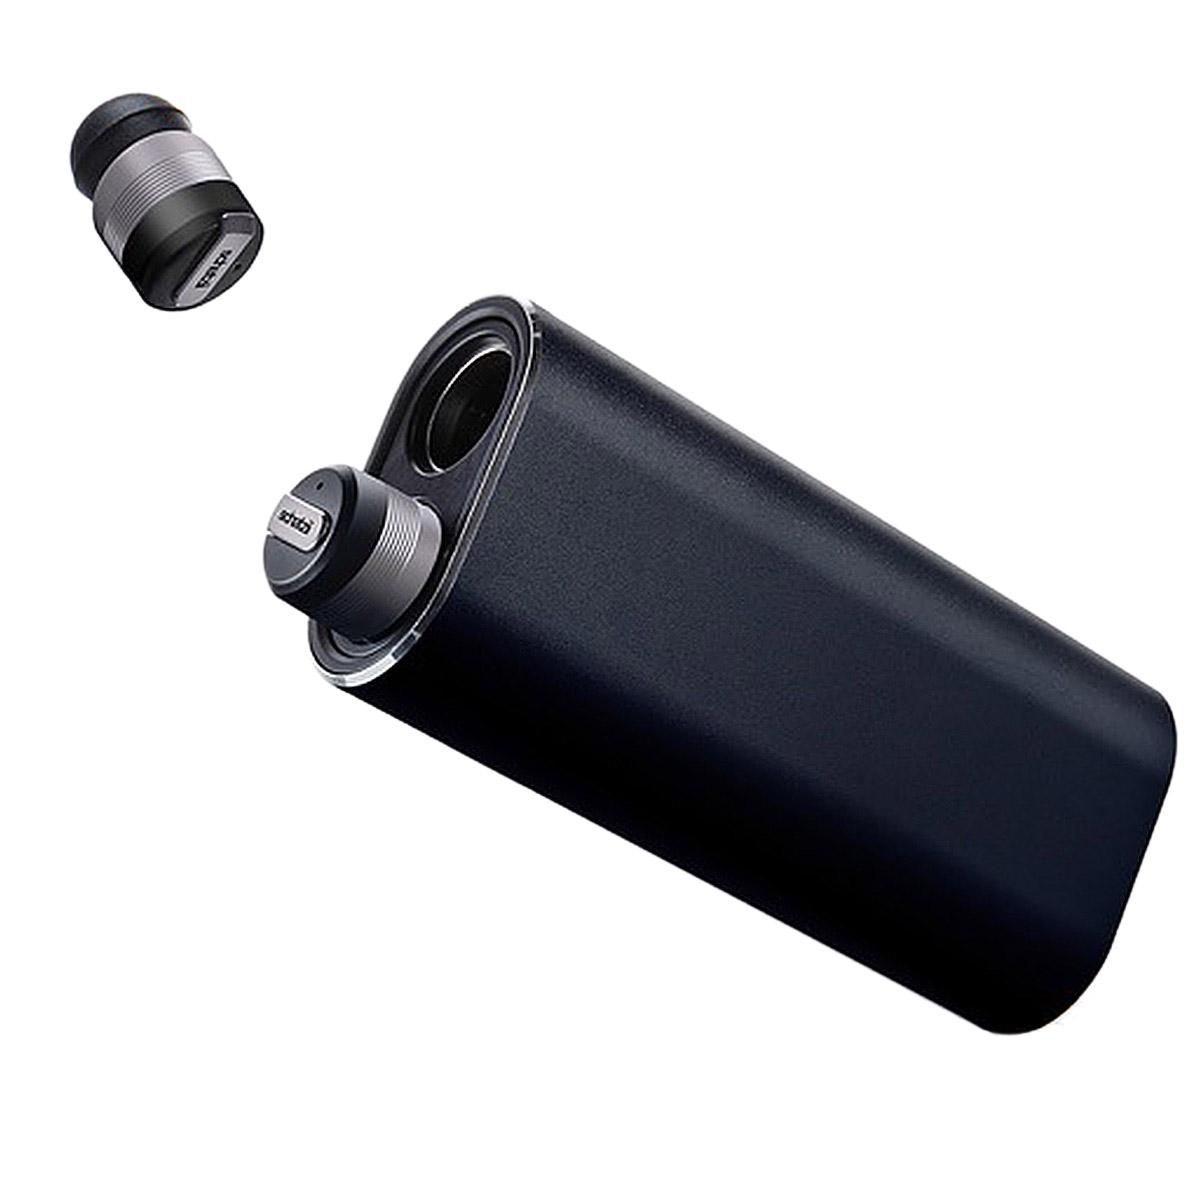 シャツィ schatzii ワイヤレスイヤホン iPhone Bluetooth 両耳 マイク LIMITED EDITION BLACK BULLET2.0 ブラック SB-003